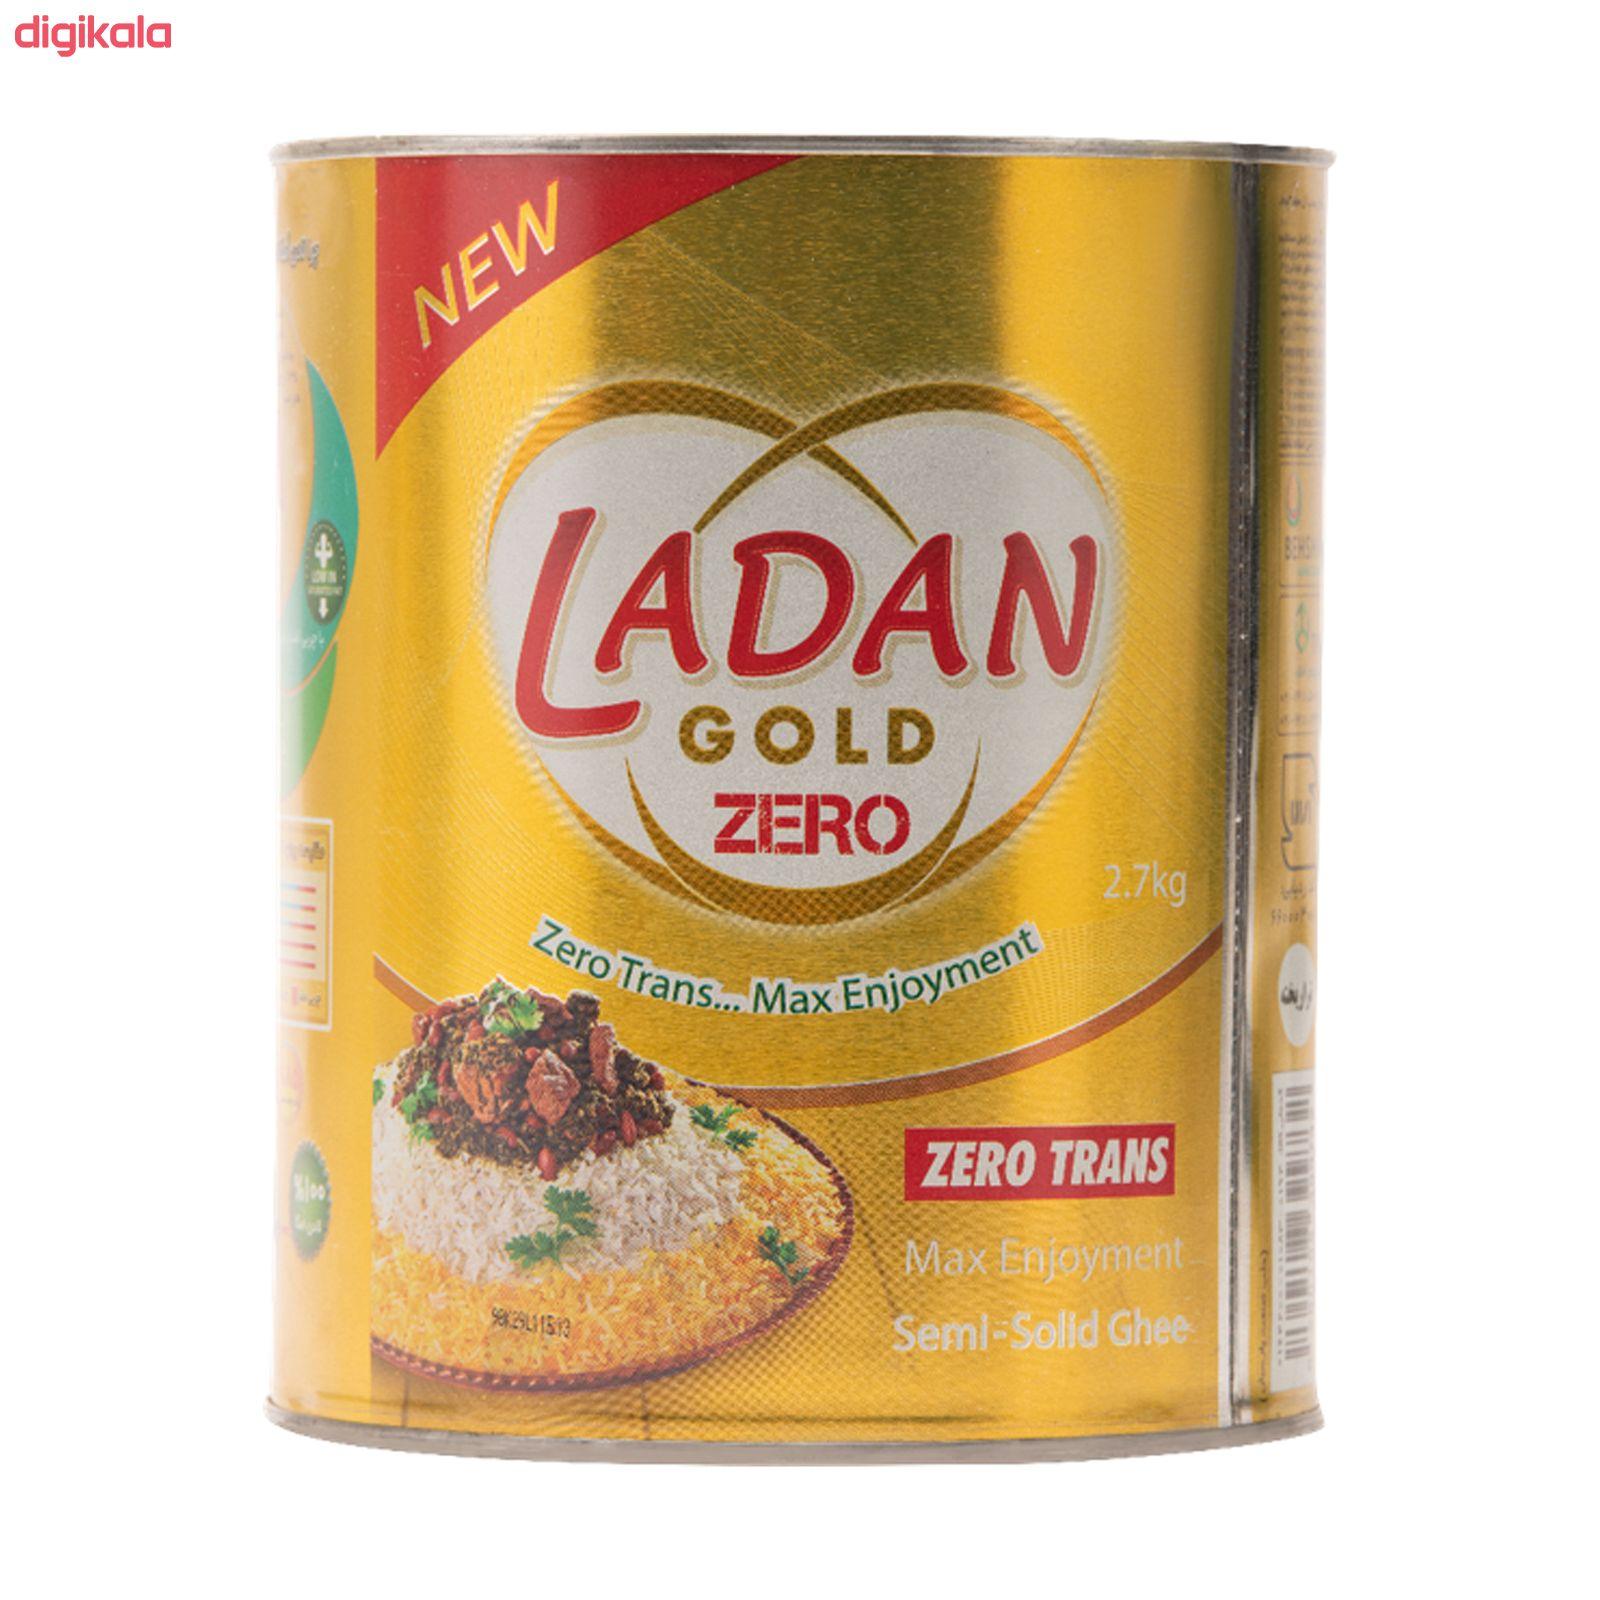 روغن لادن طلایی آزاد بدون ترانس - 2.7  کیلوگرم main 1 4